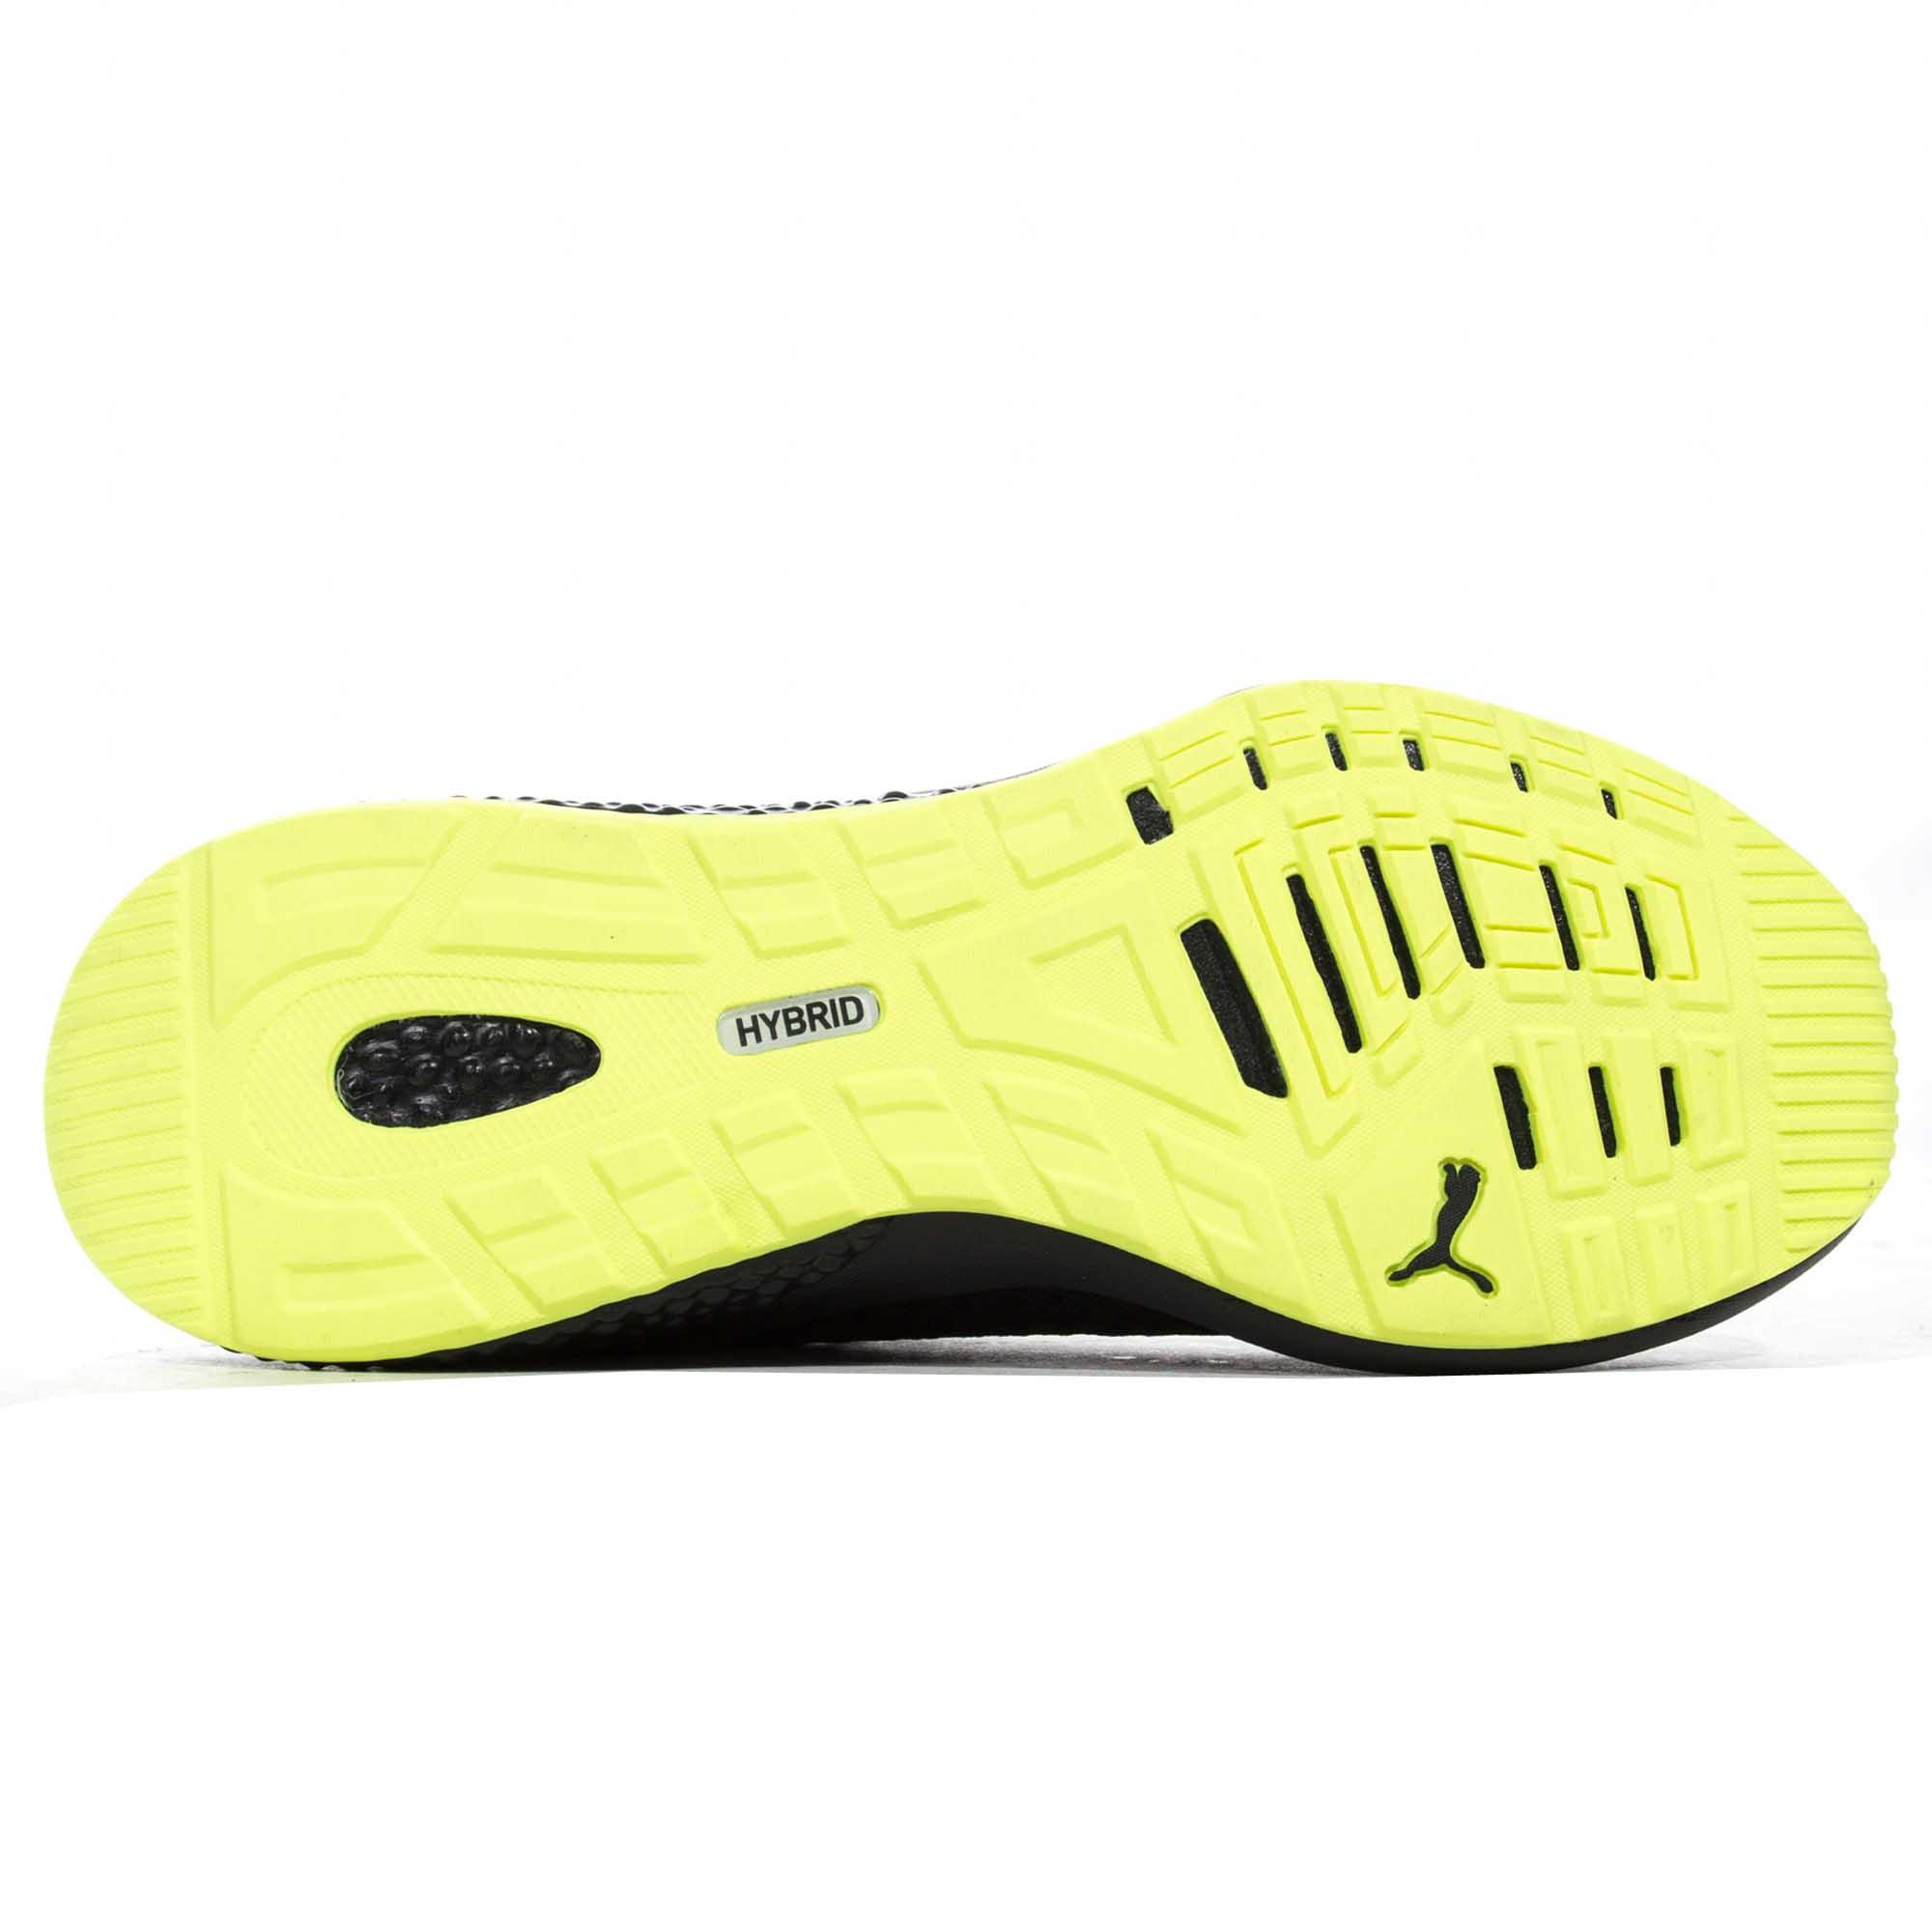 Details zu Puma Hybrid NX Tageslicht Herren Laufen Fitness Training Turnschuhe Schuhe